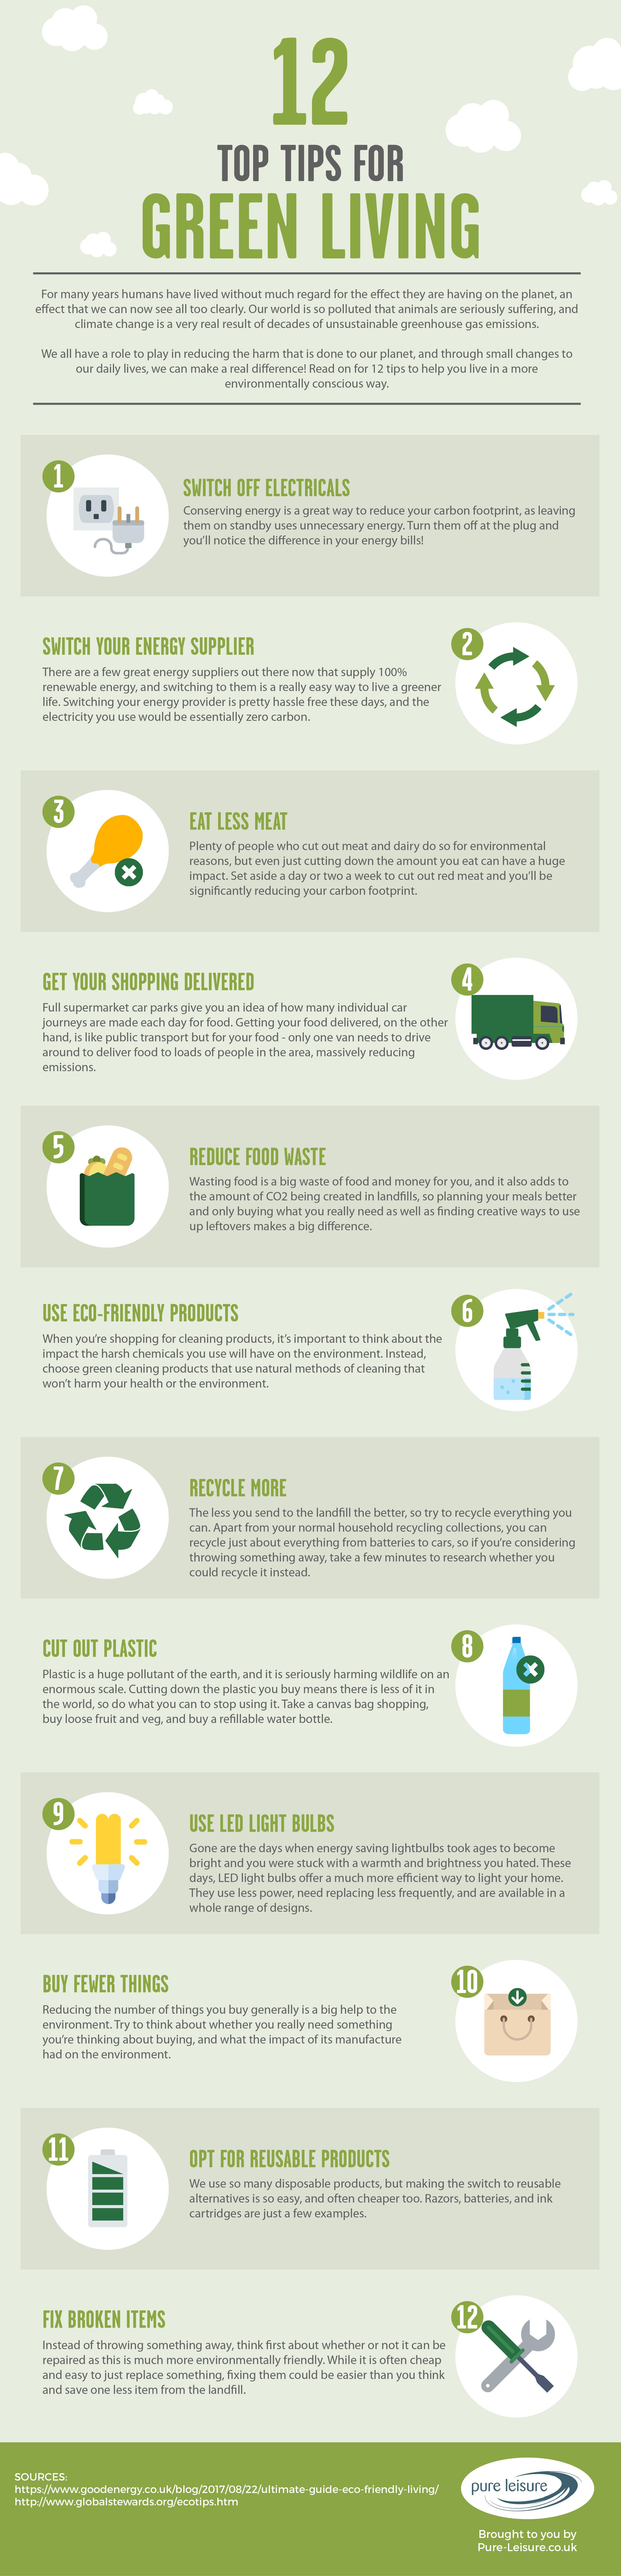 Tips for Green Living